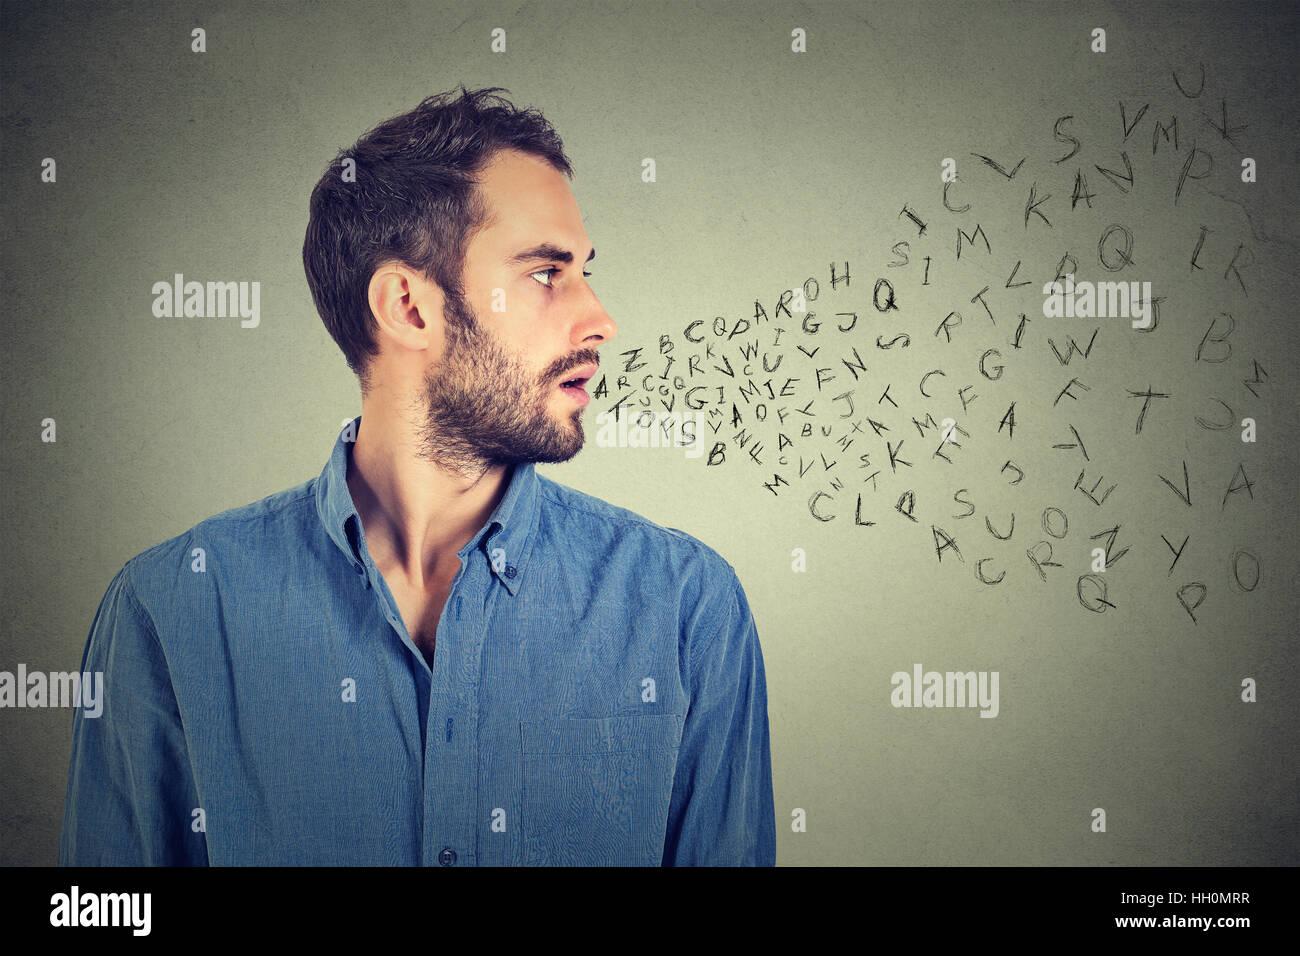 Hombre hablando con las letras del alfabeto que sale de su boca. La comunicación, la información, el concepto Imagen De Stock